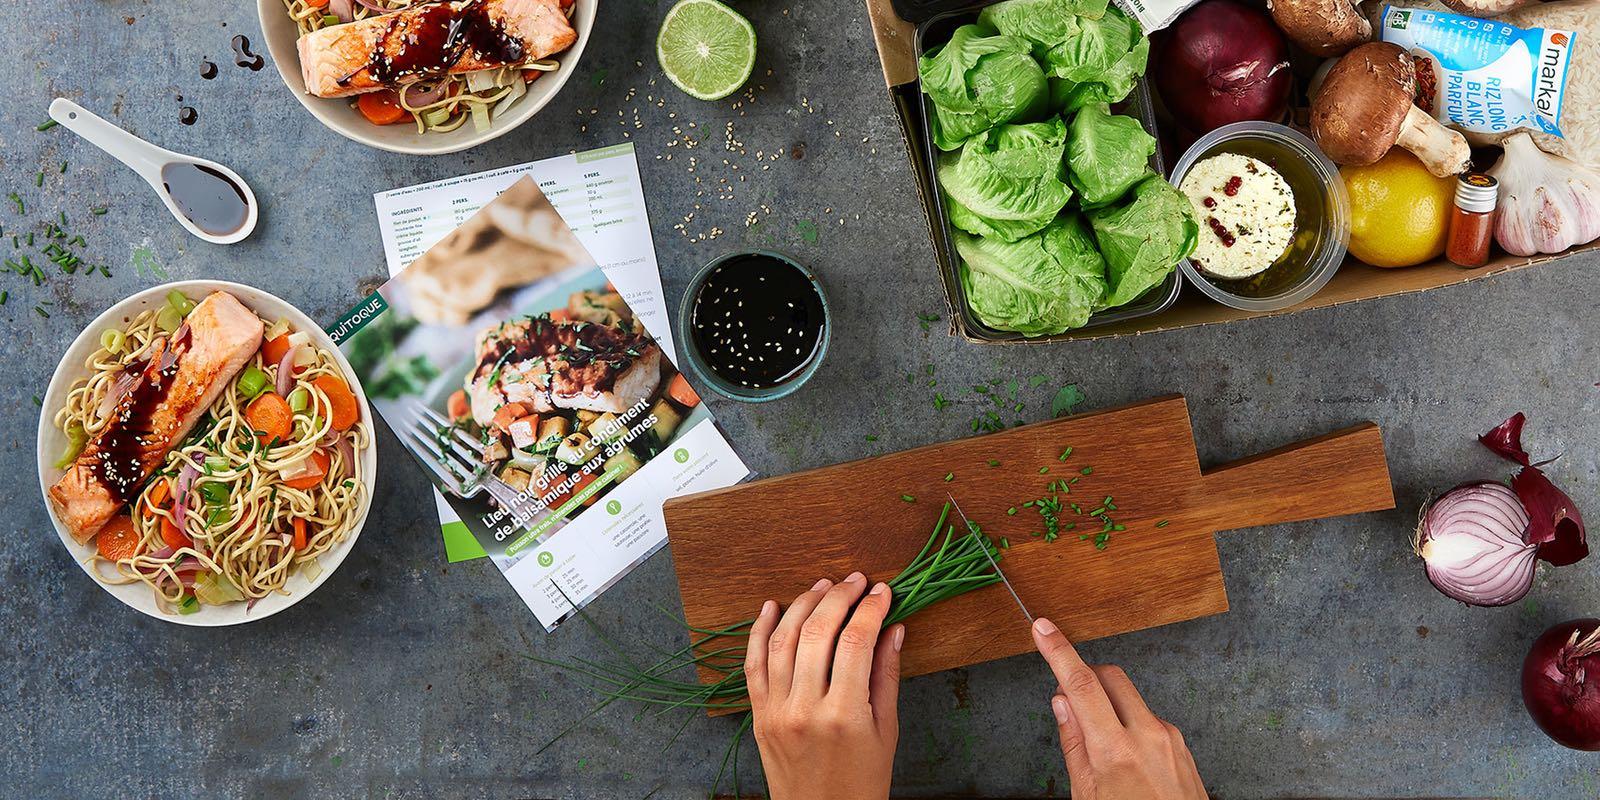 7 conseils pour manger plus sainement à la maison sans se prendre le chou